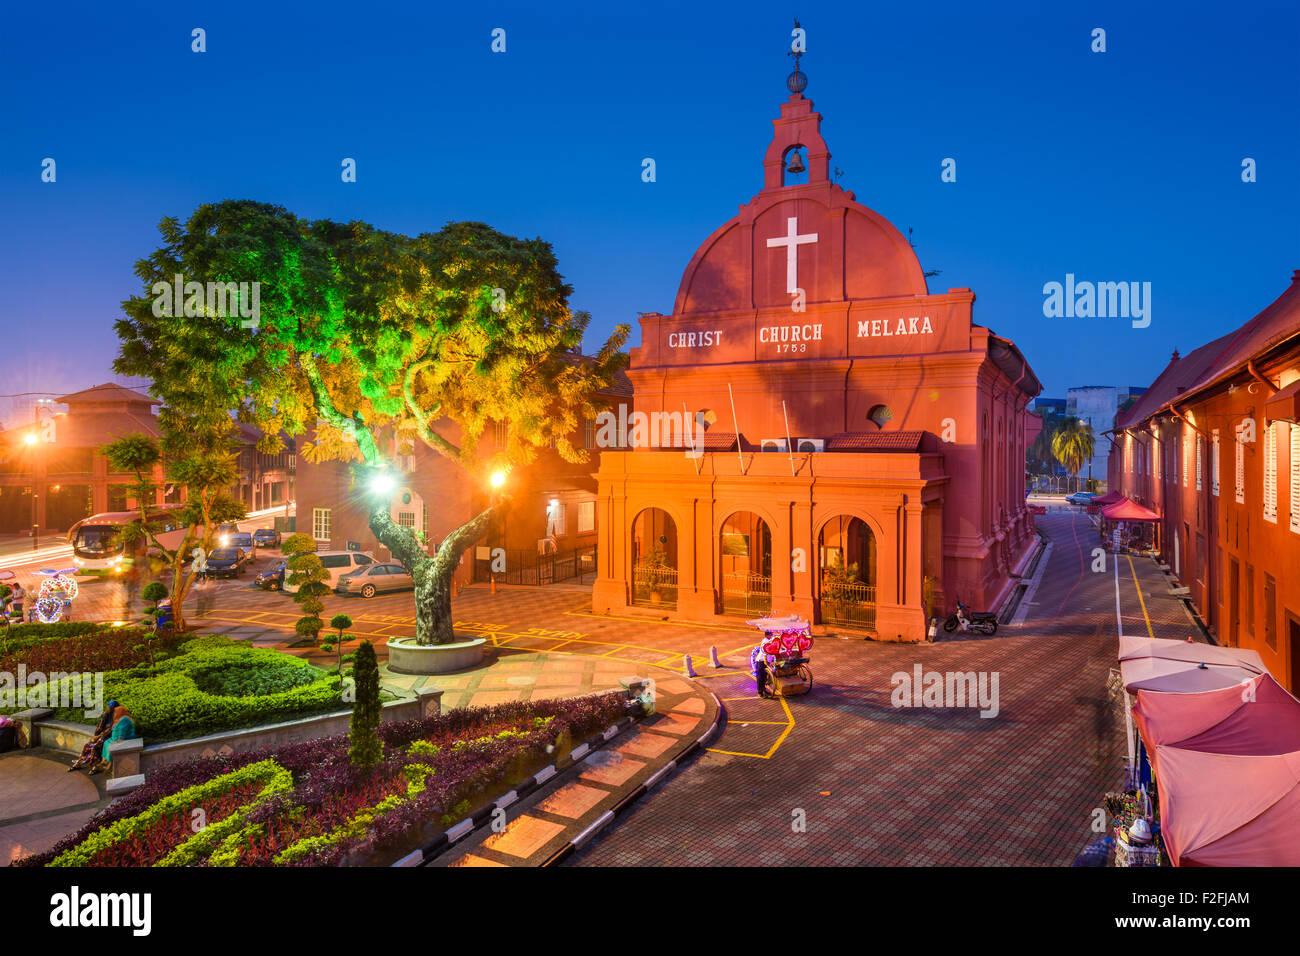 La Chiesa di Cristo Melaka in Malacca, Malesia. Immagini Stock